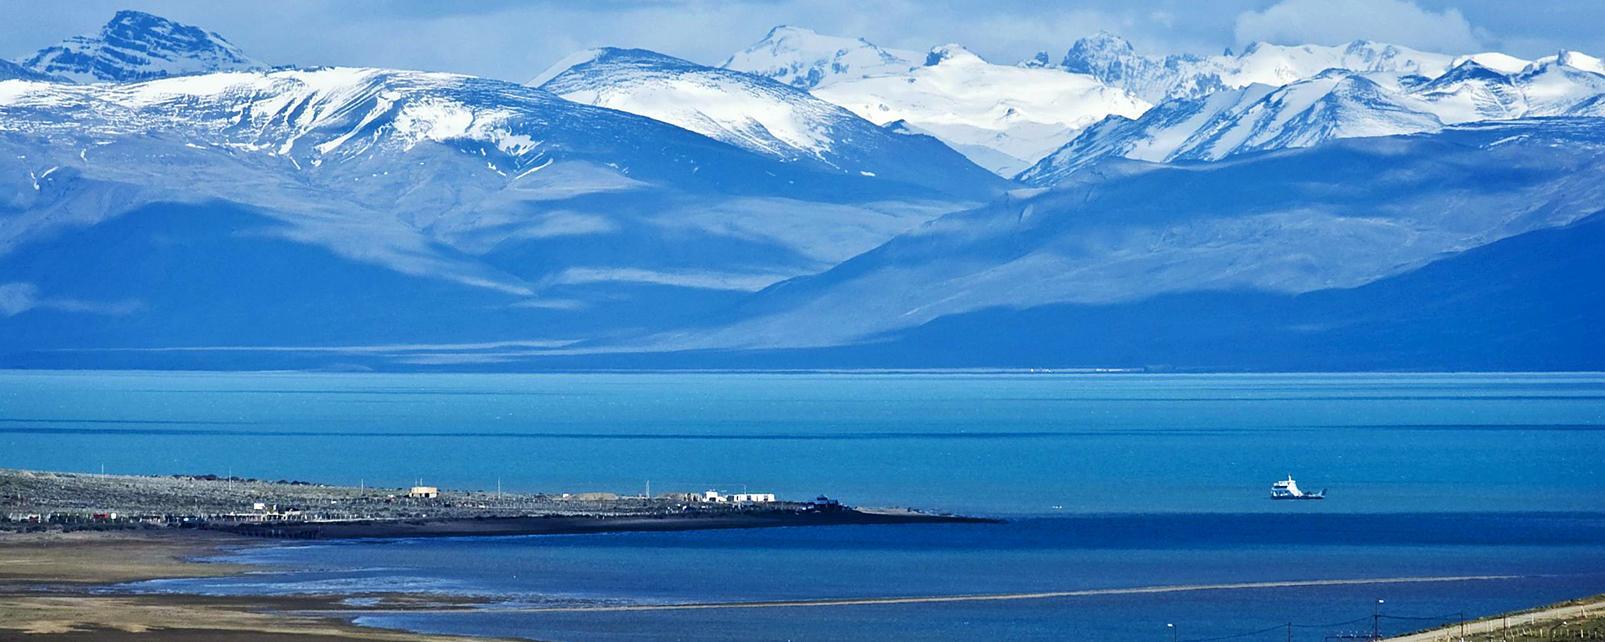 Vol pour patagonie pas cher - Volige pas cher ...